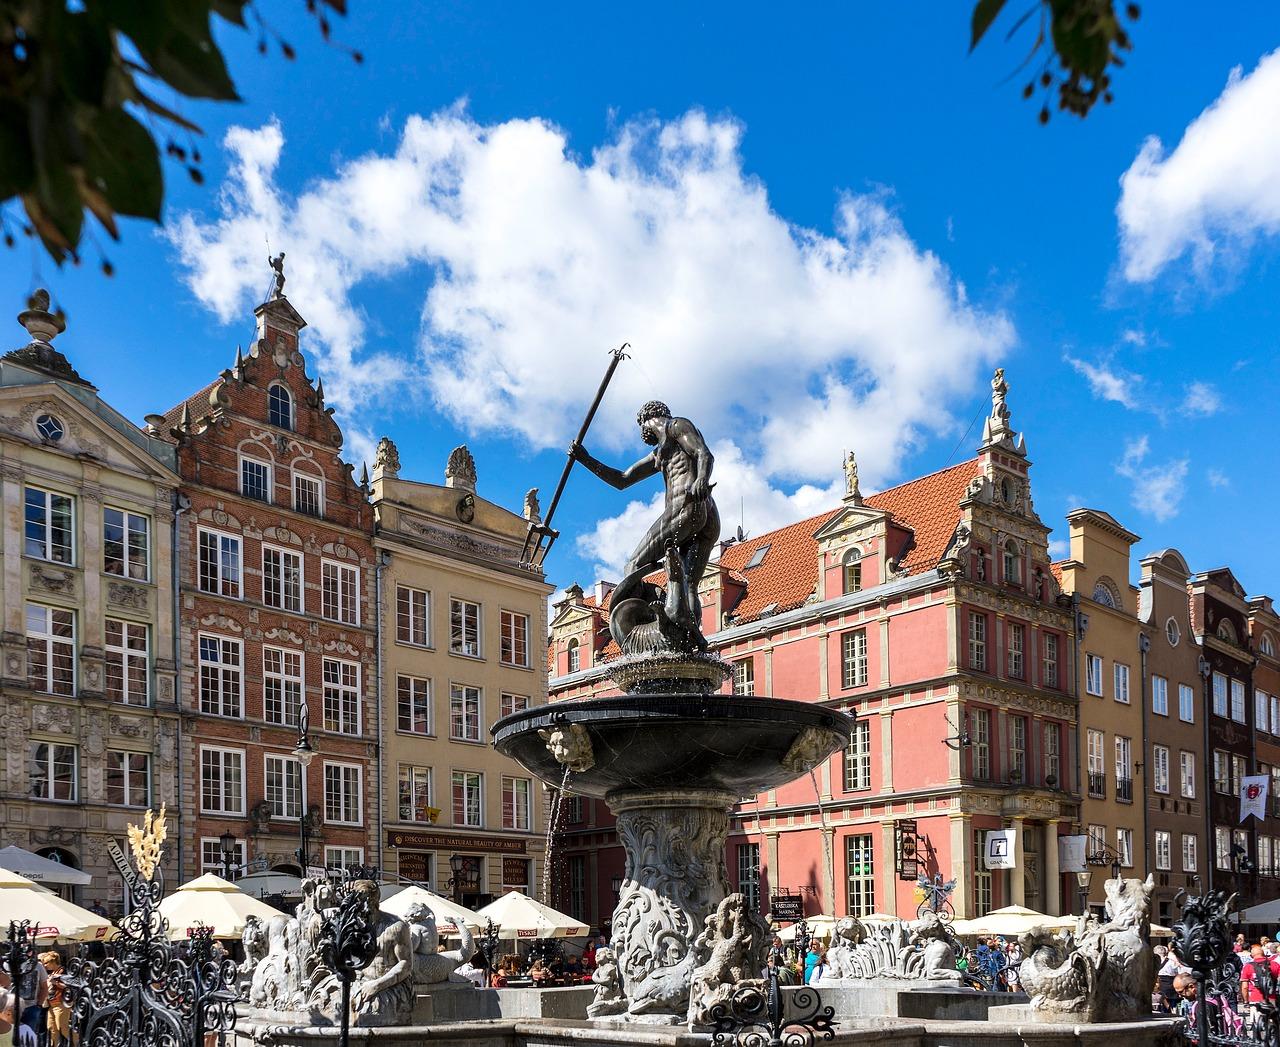 danzica, Città europee da visitare, capitali europee da vedere